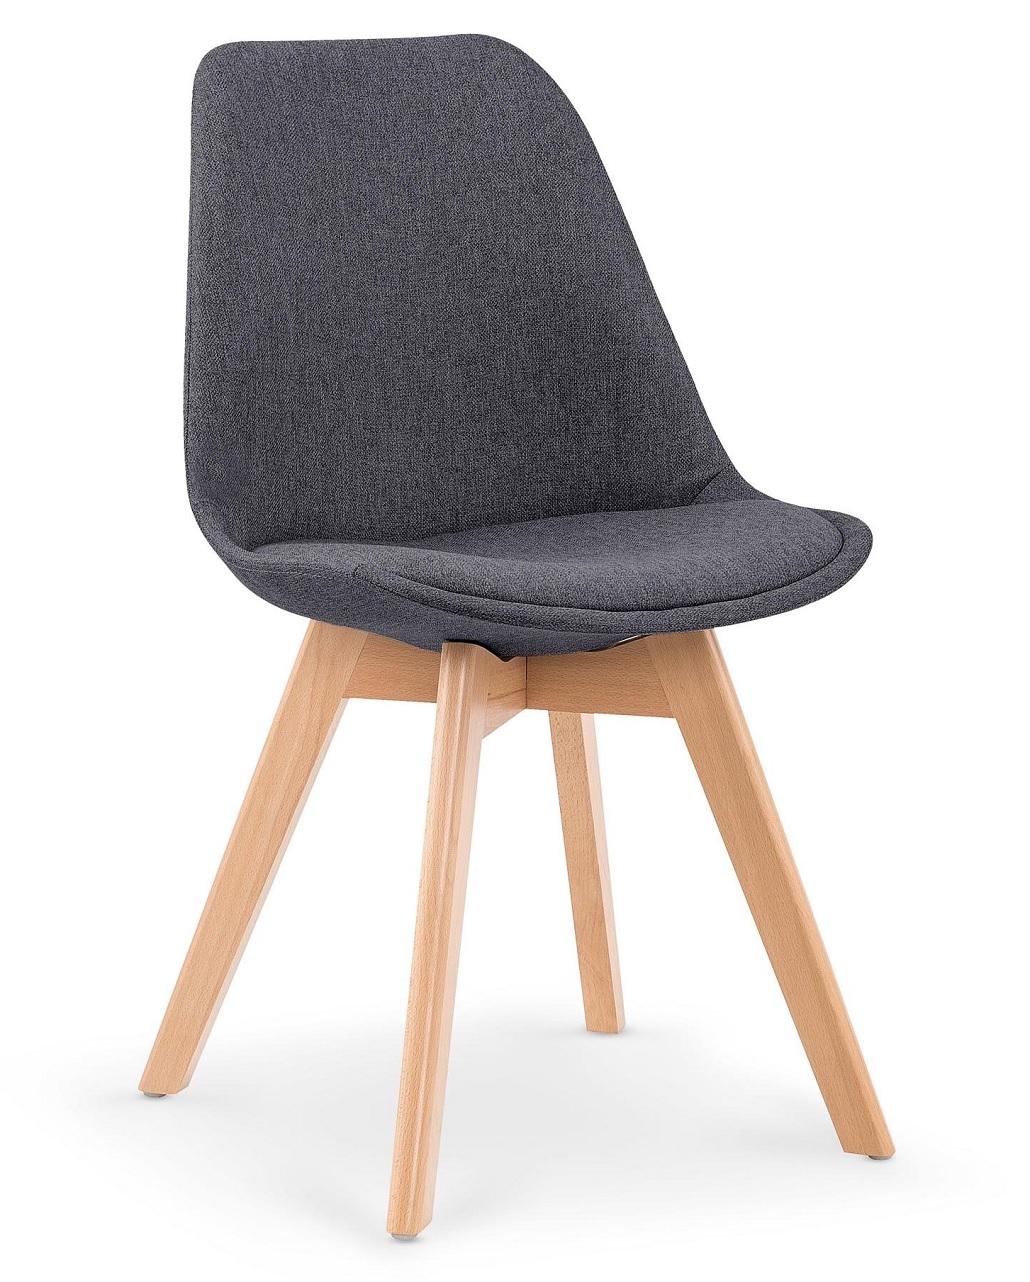 moderni virtuvinė kėdė